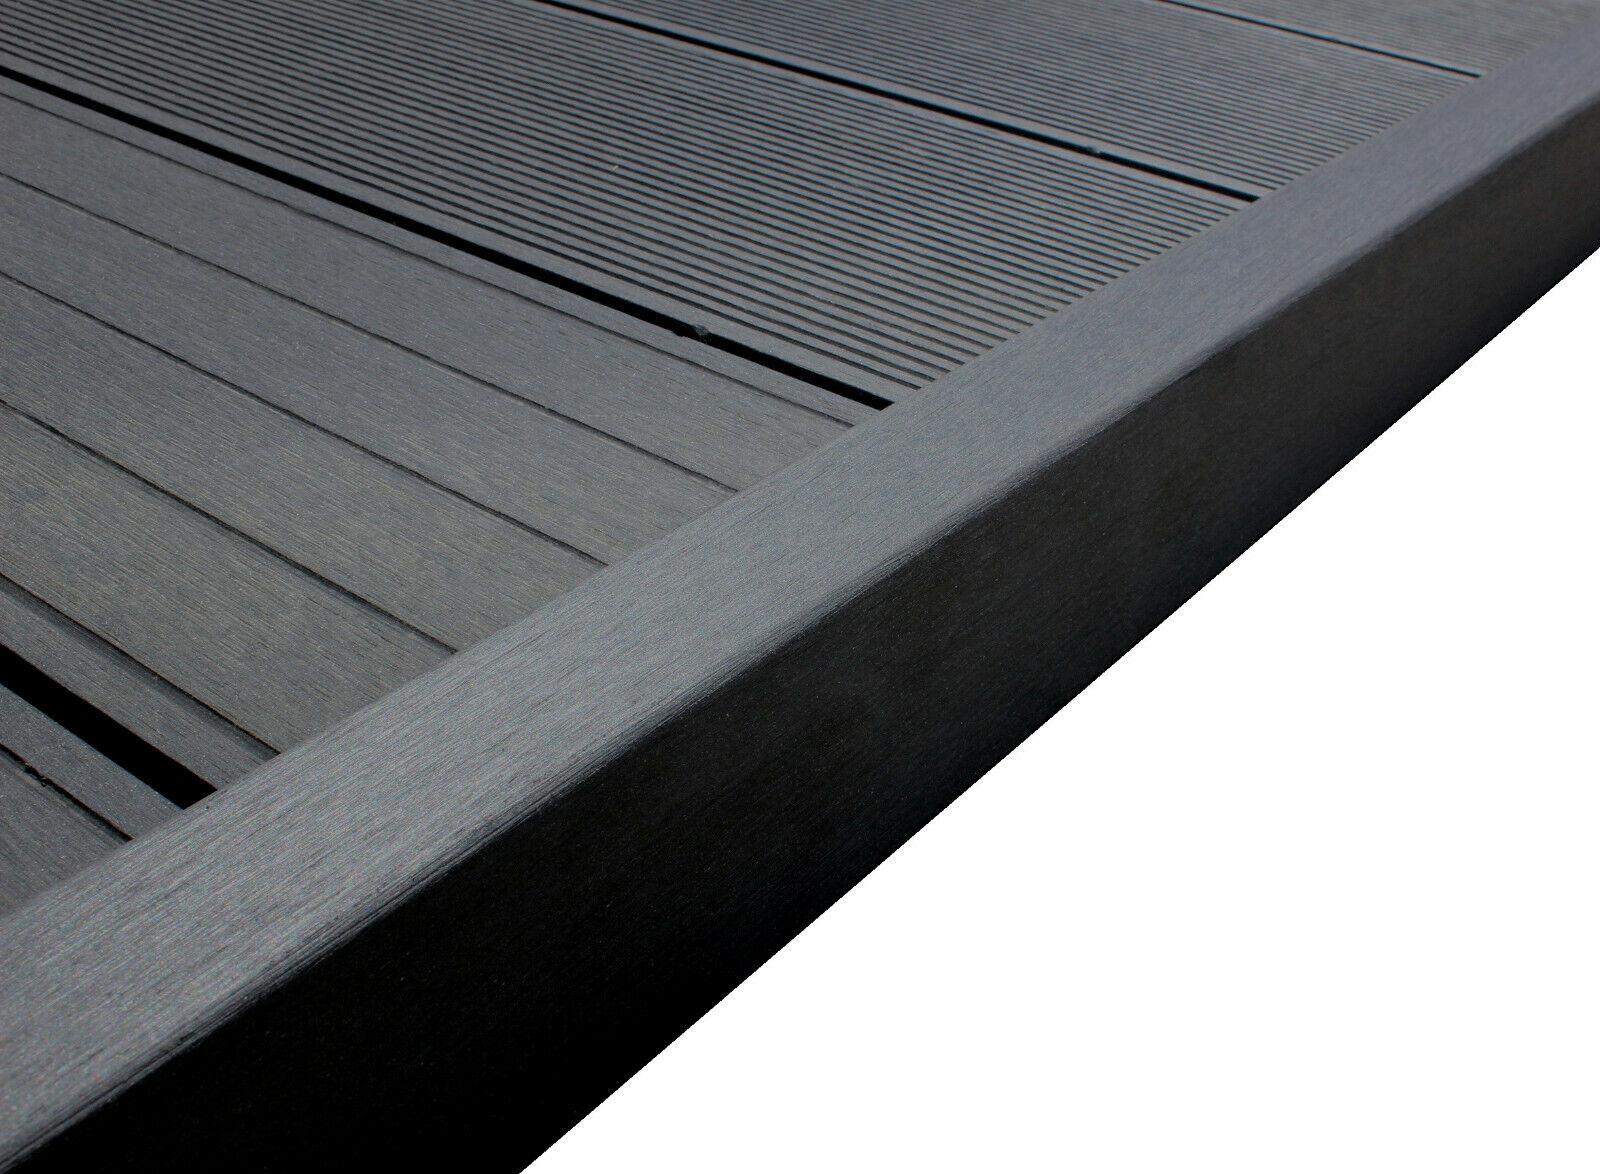 WPC 2.Wahl Premium Terrassendielen Diele Garten 25mm x 15cm x 150cm oder 140cm